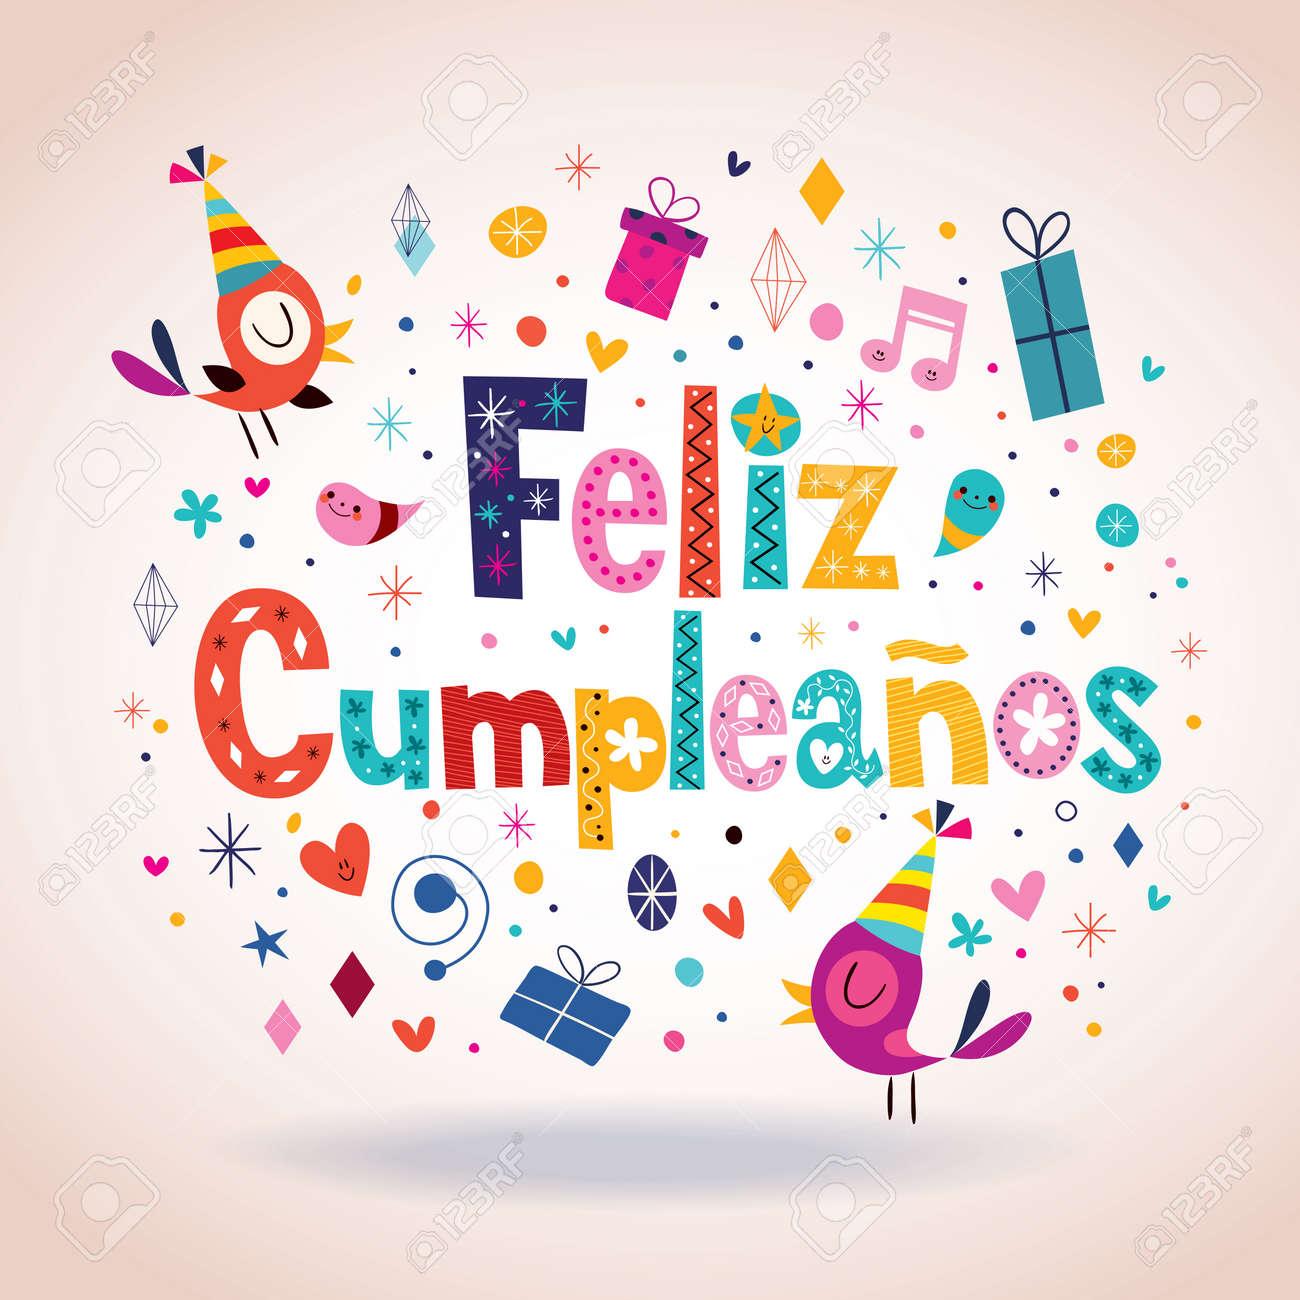 gefeliciteerd met je verjaardag in het spaans Cumpleaños Van Feliz   Gelukkige Verjaardag In Het Spaans Kaart  gefeliciteerd met je verjaardag in het spaans